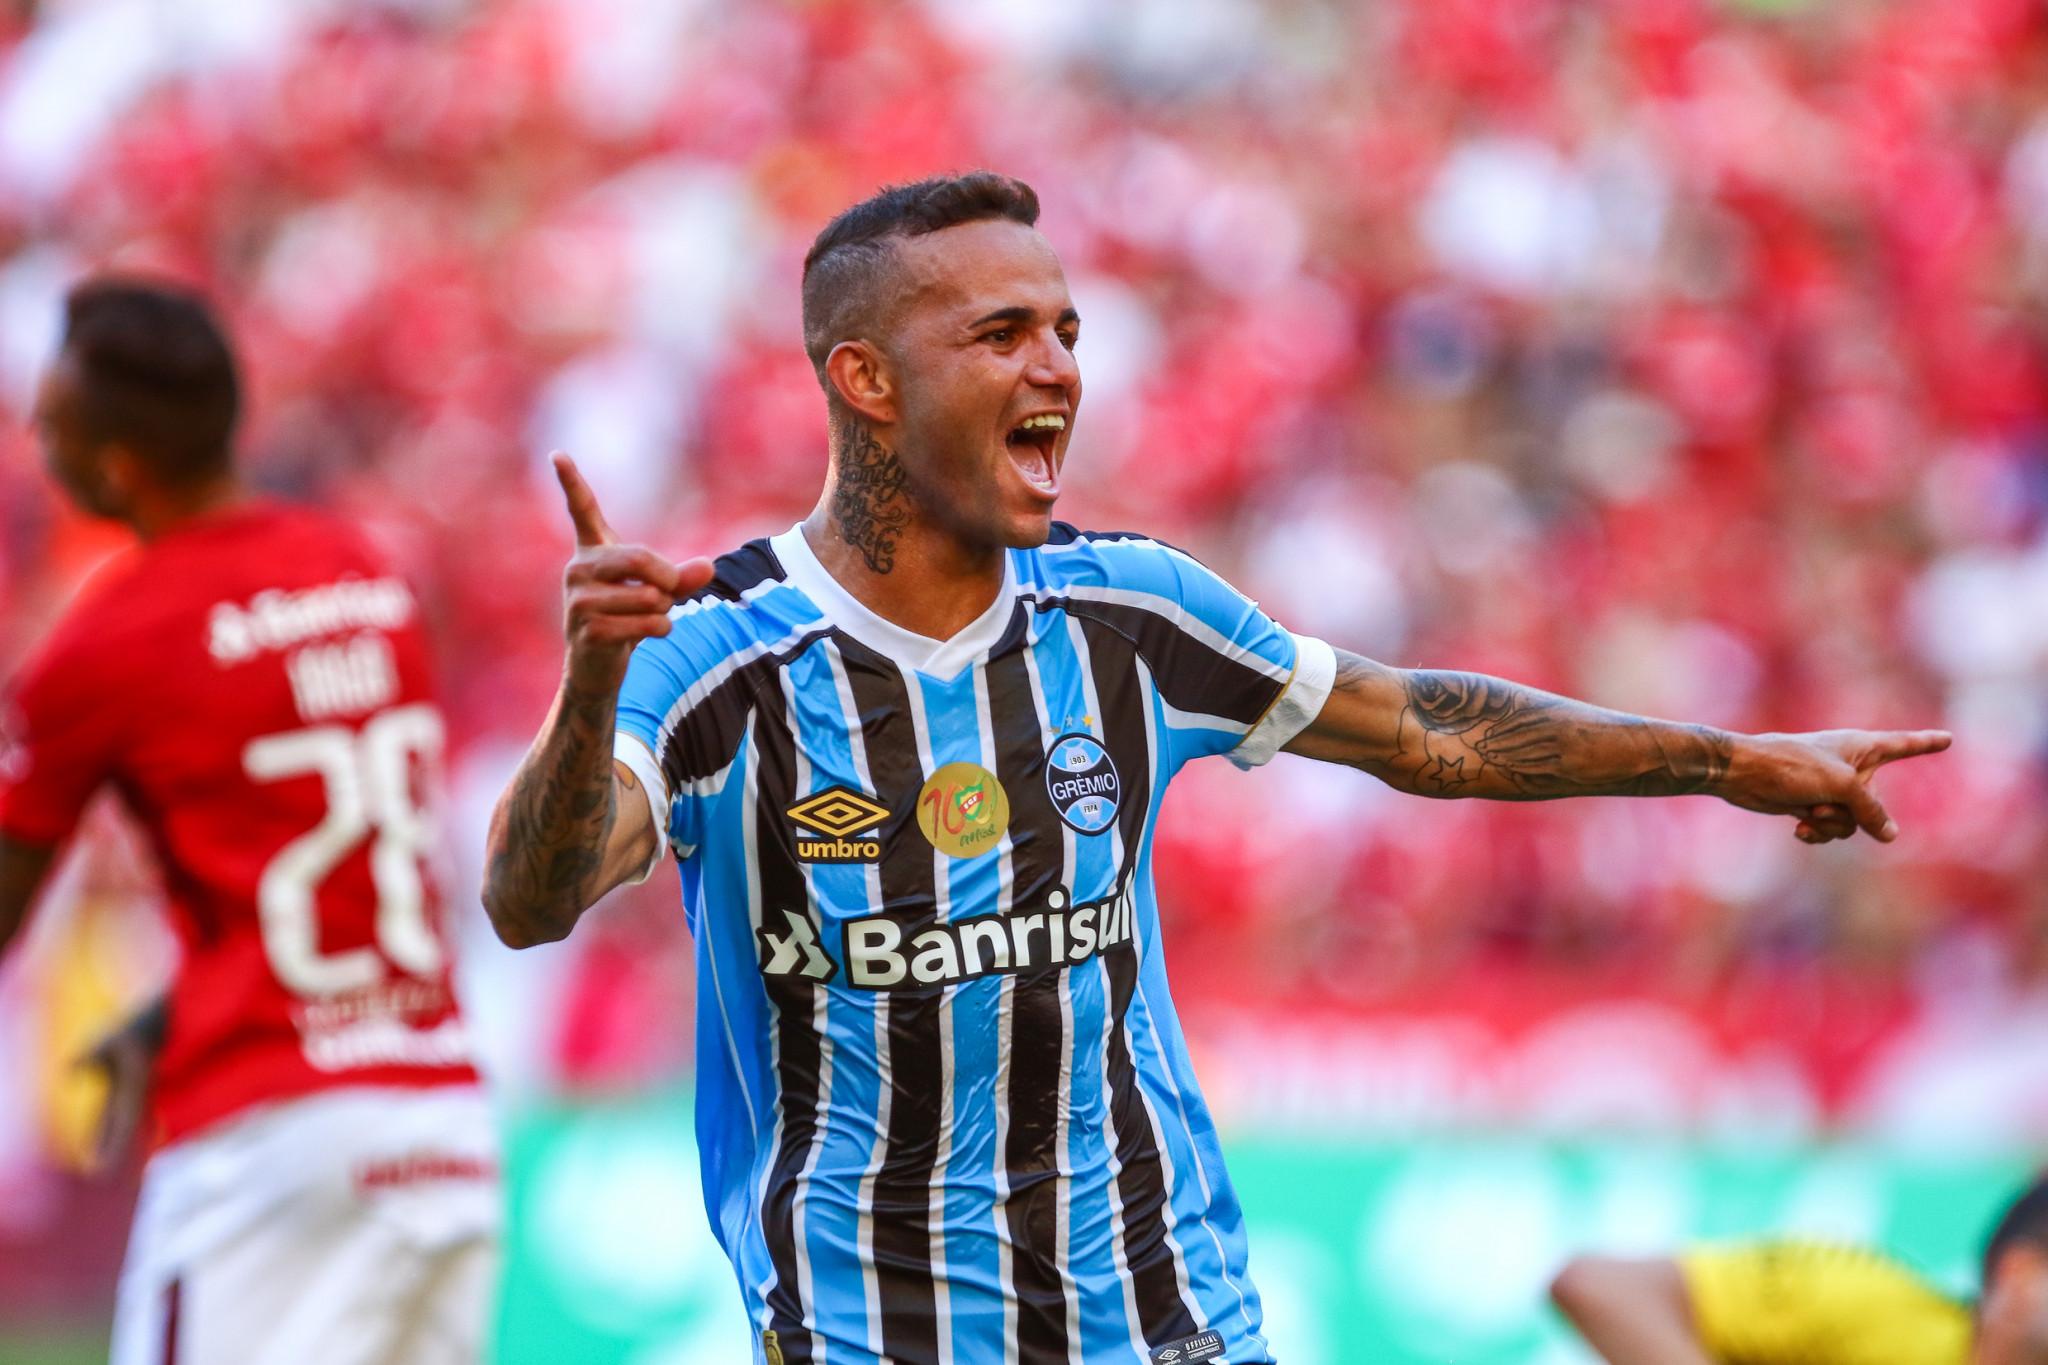 bc9cfb48354cb Grêmio confirma classificação no Gauchão com vitória e superioridade no  clássico Gre-Nal 413